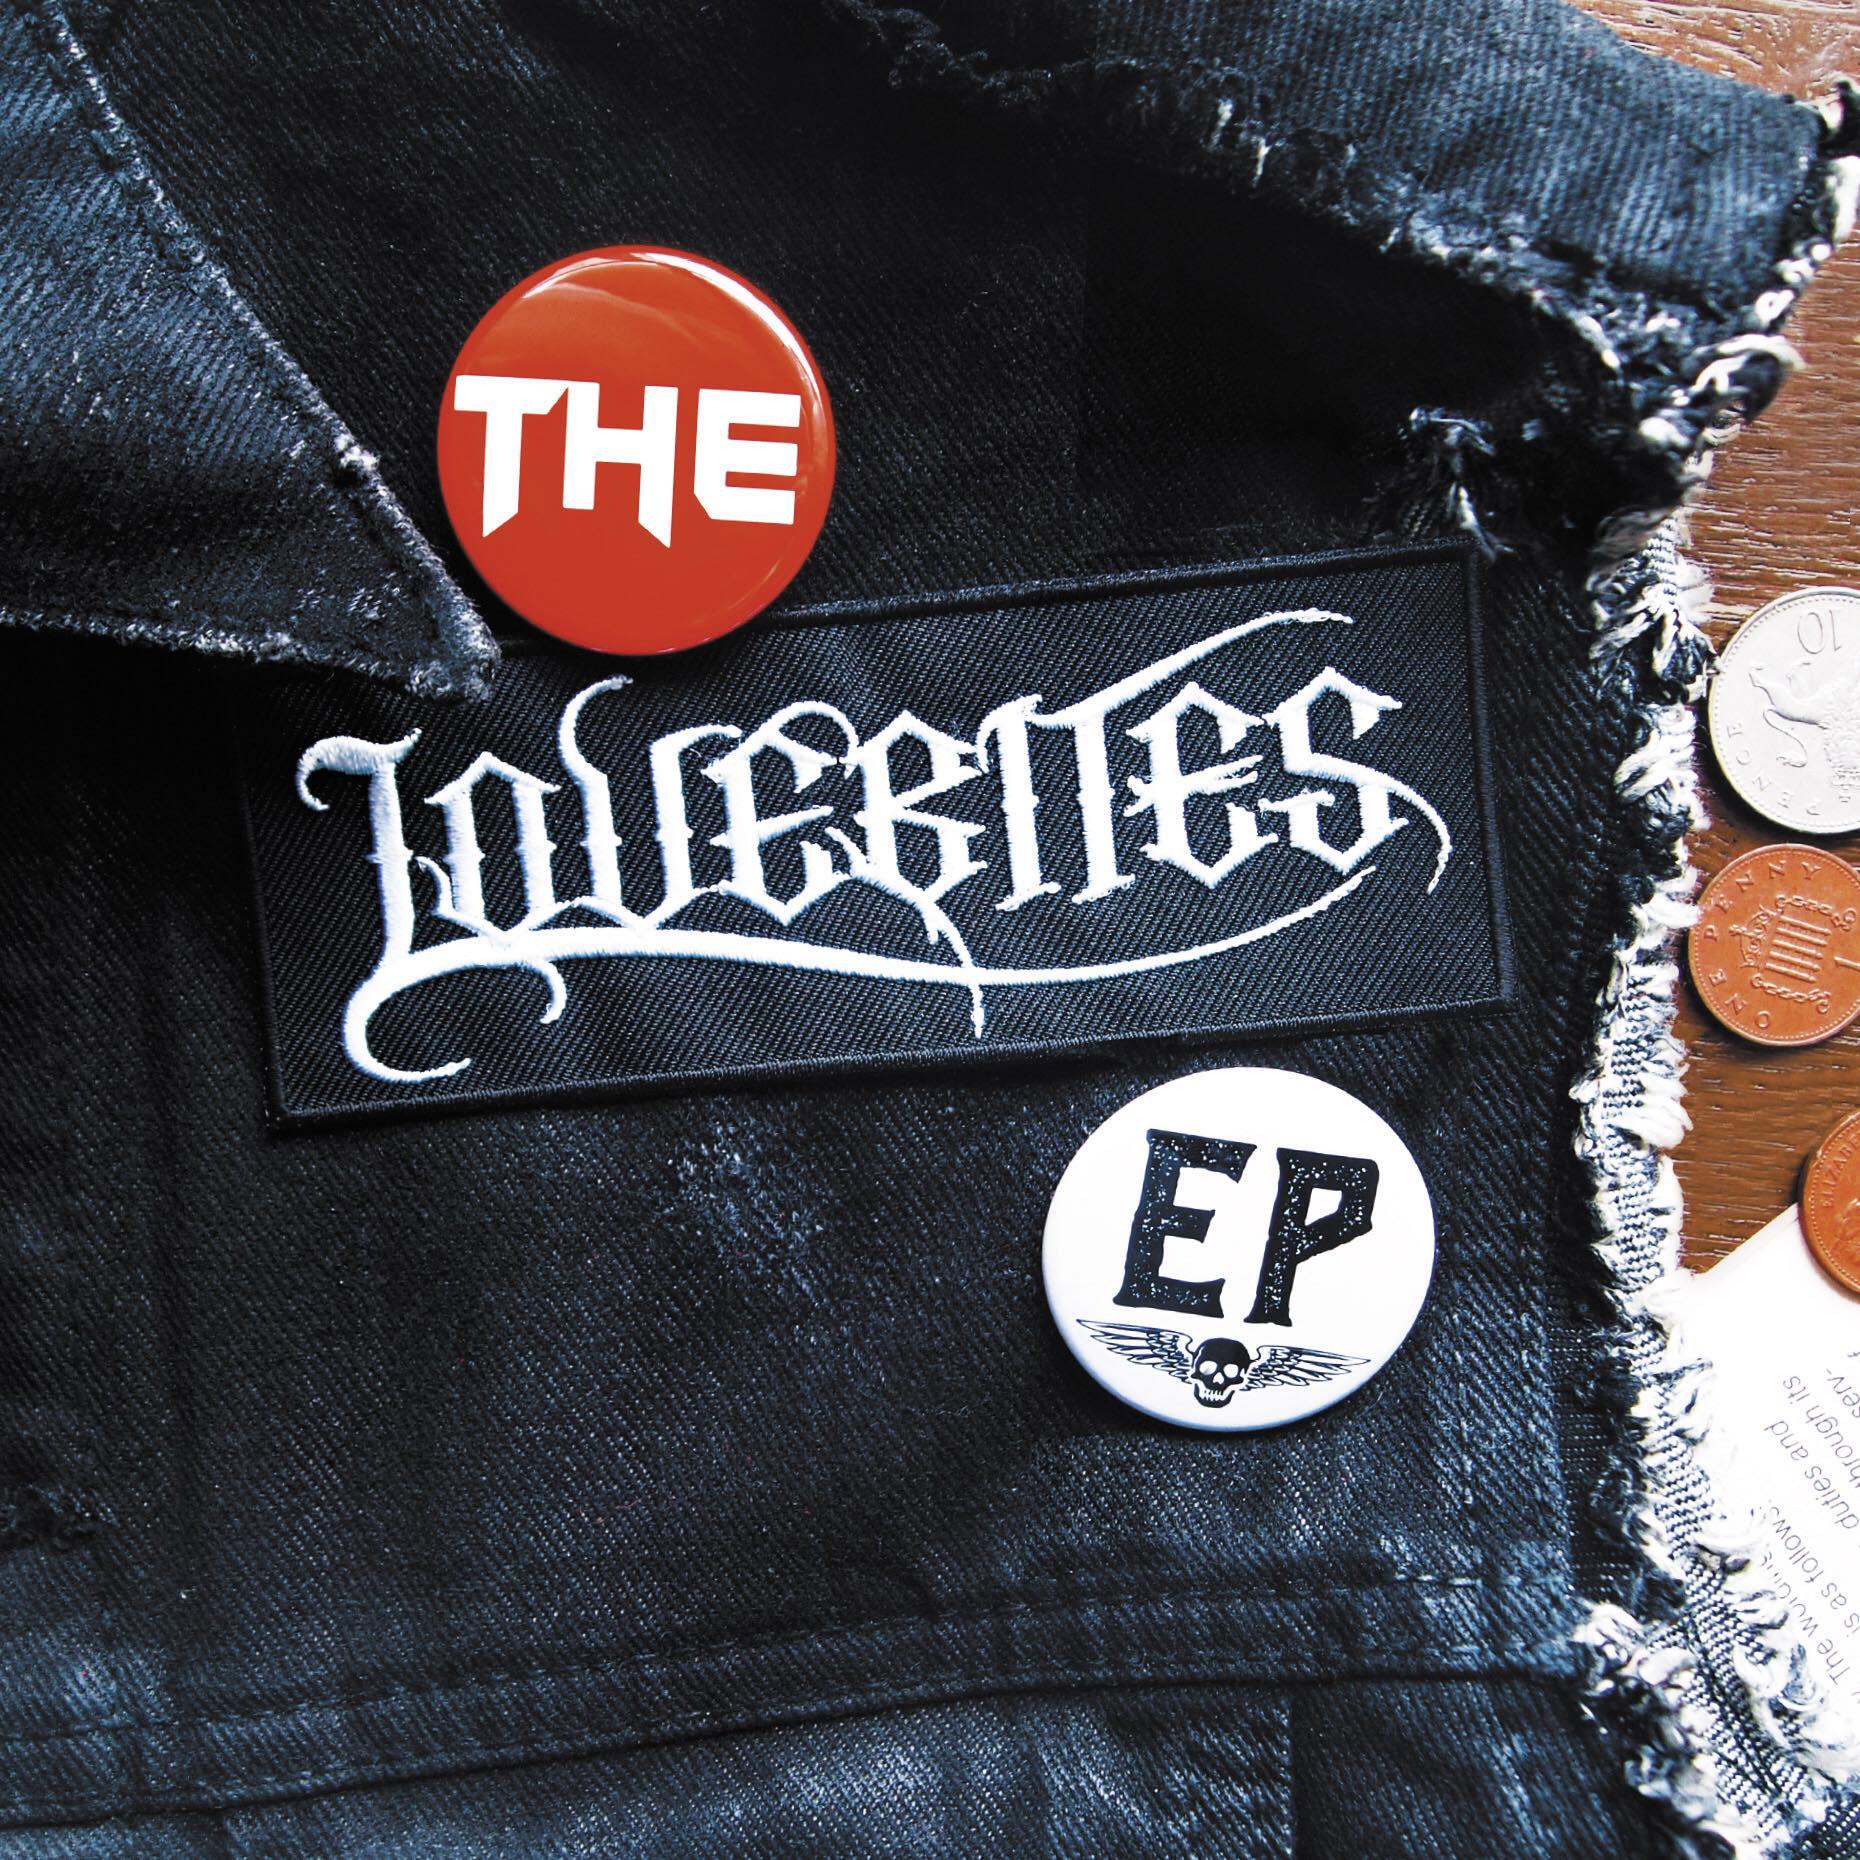 20170927.1257.2 Lovebites - The Lovebites EP cover.jpg